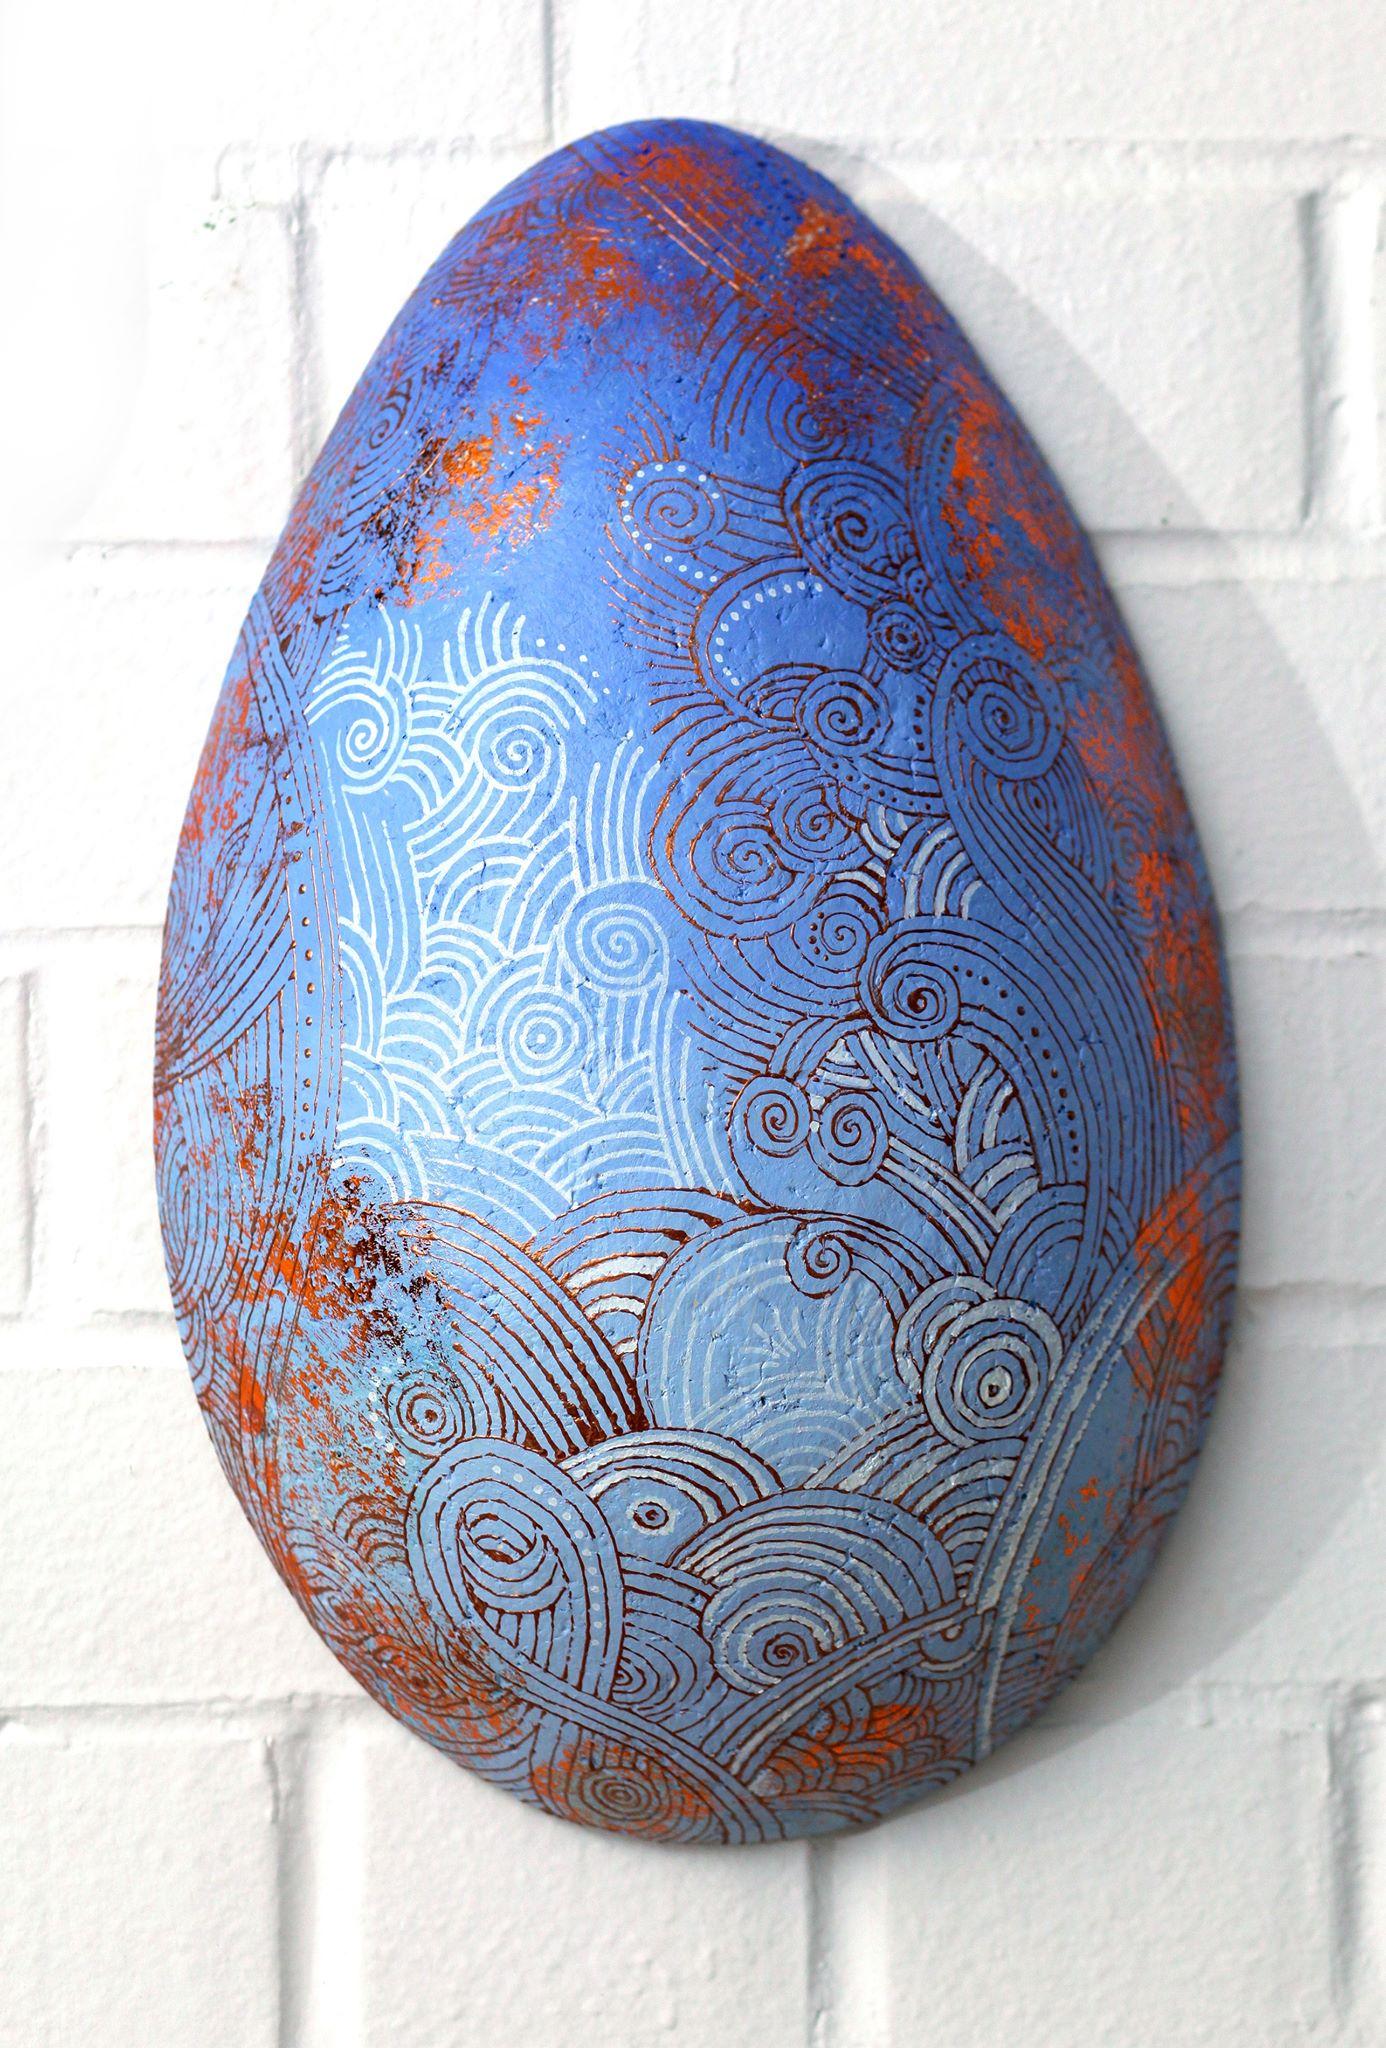 Яйцо - 2.             2019 г.         Папье-маше.           (44 х 28 см.)